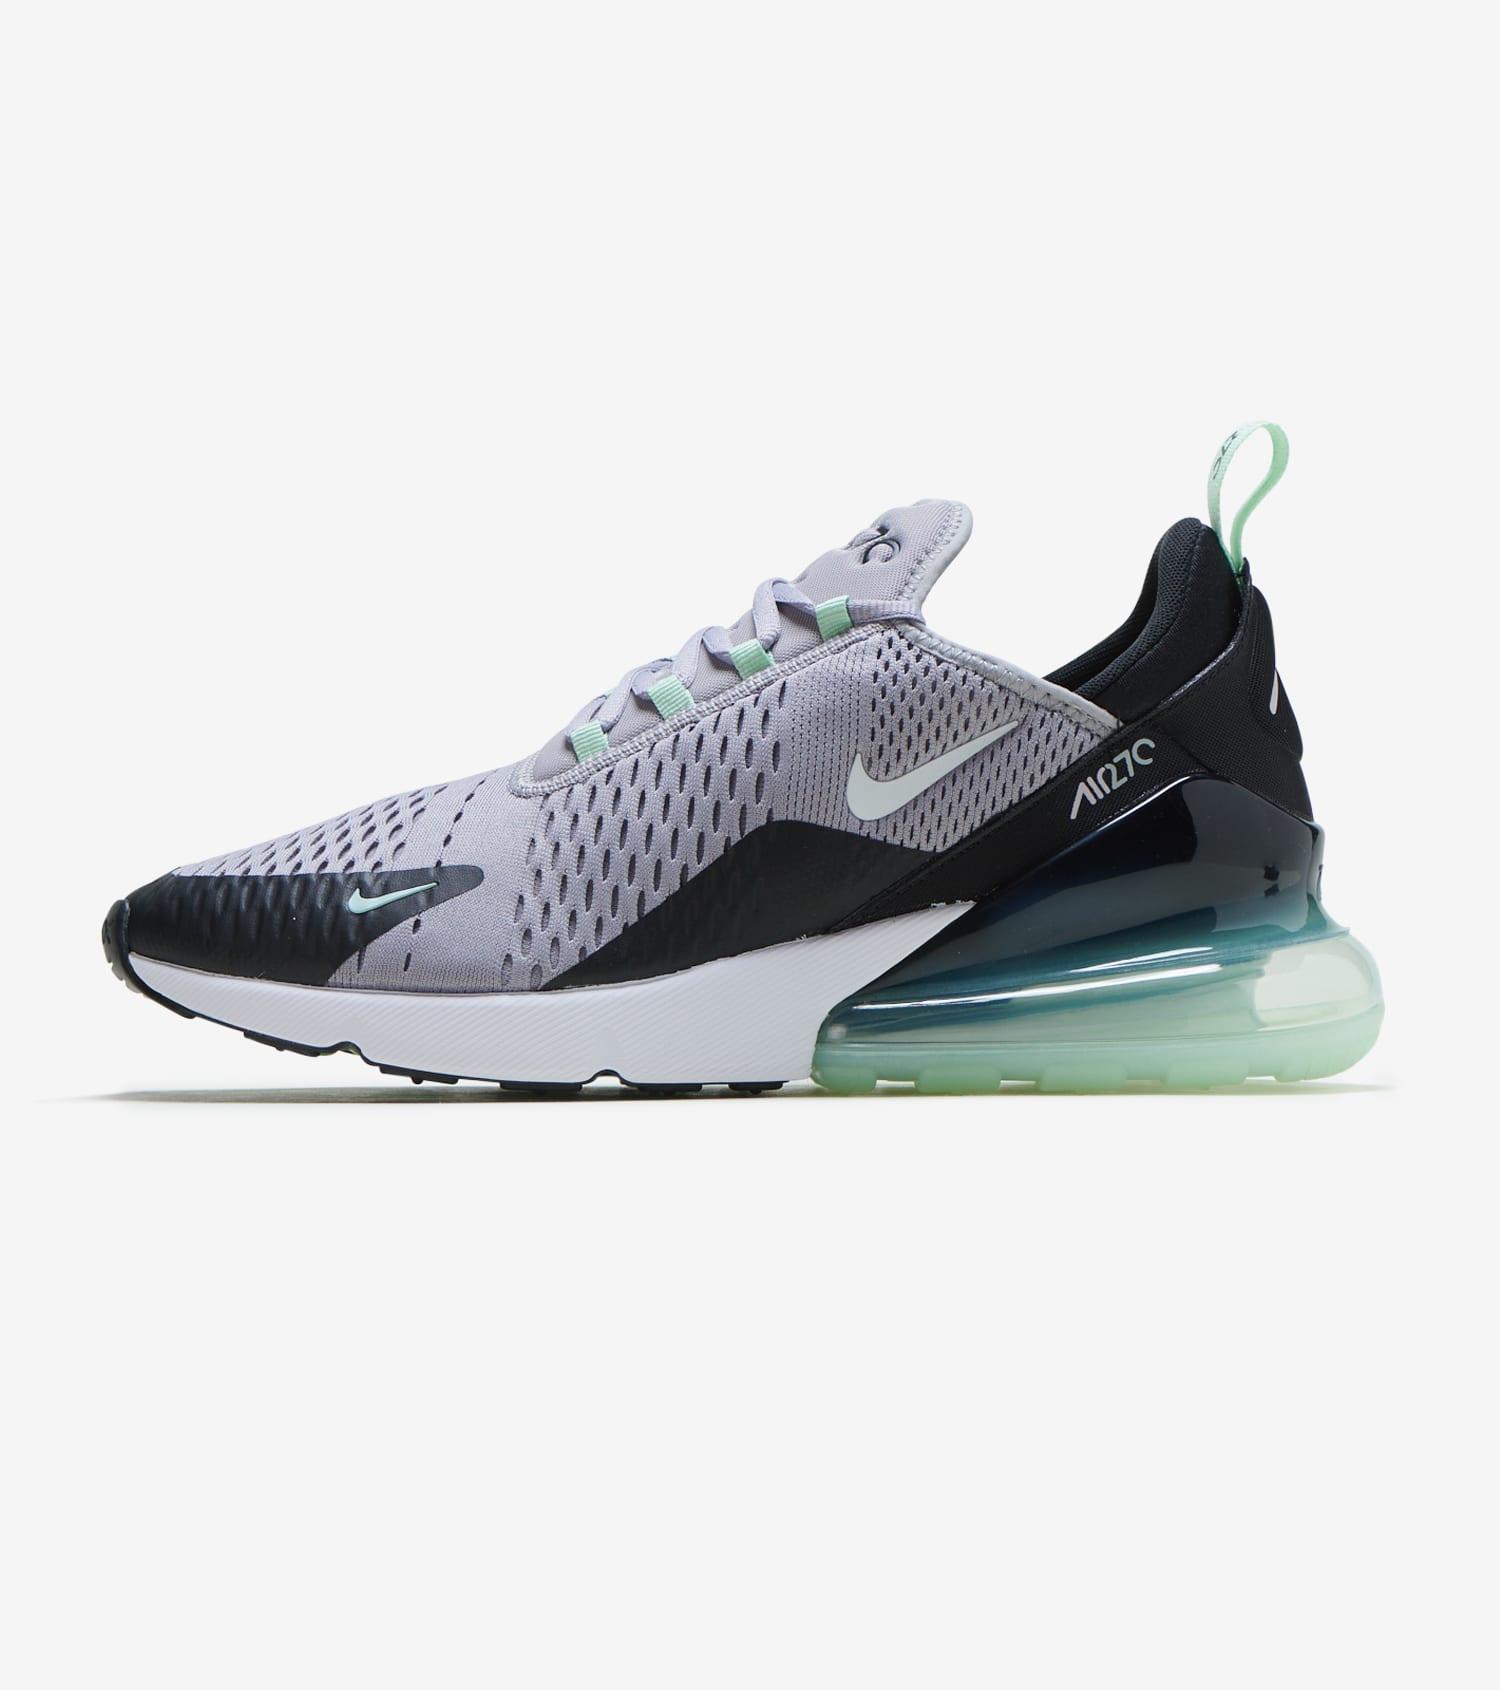 Nike Air Max 270 'Fresh Mint' | CJ0520 001 | Sneakerjagers